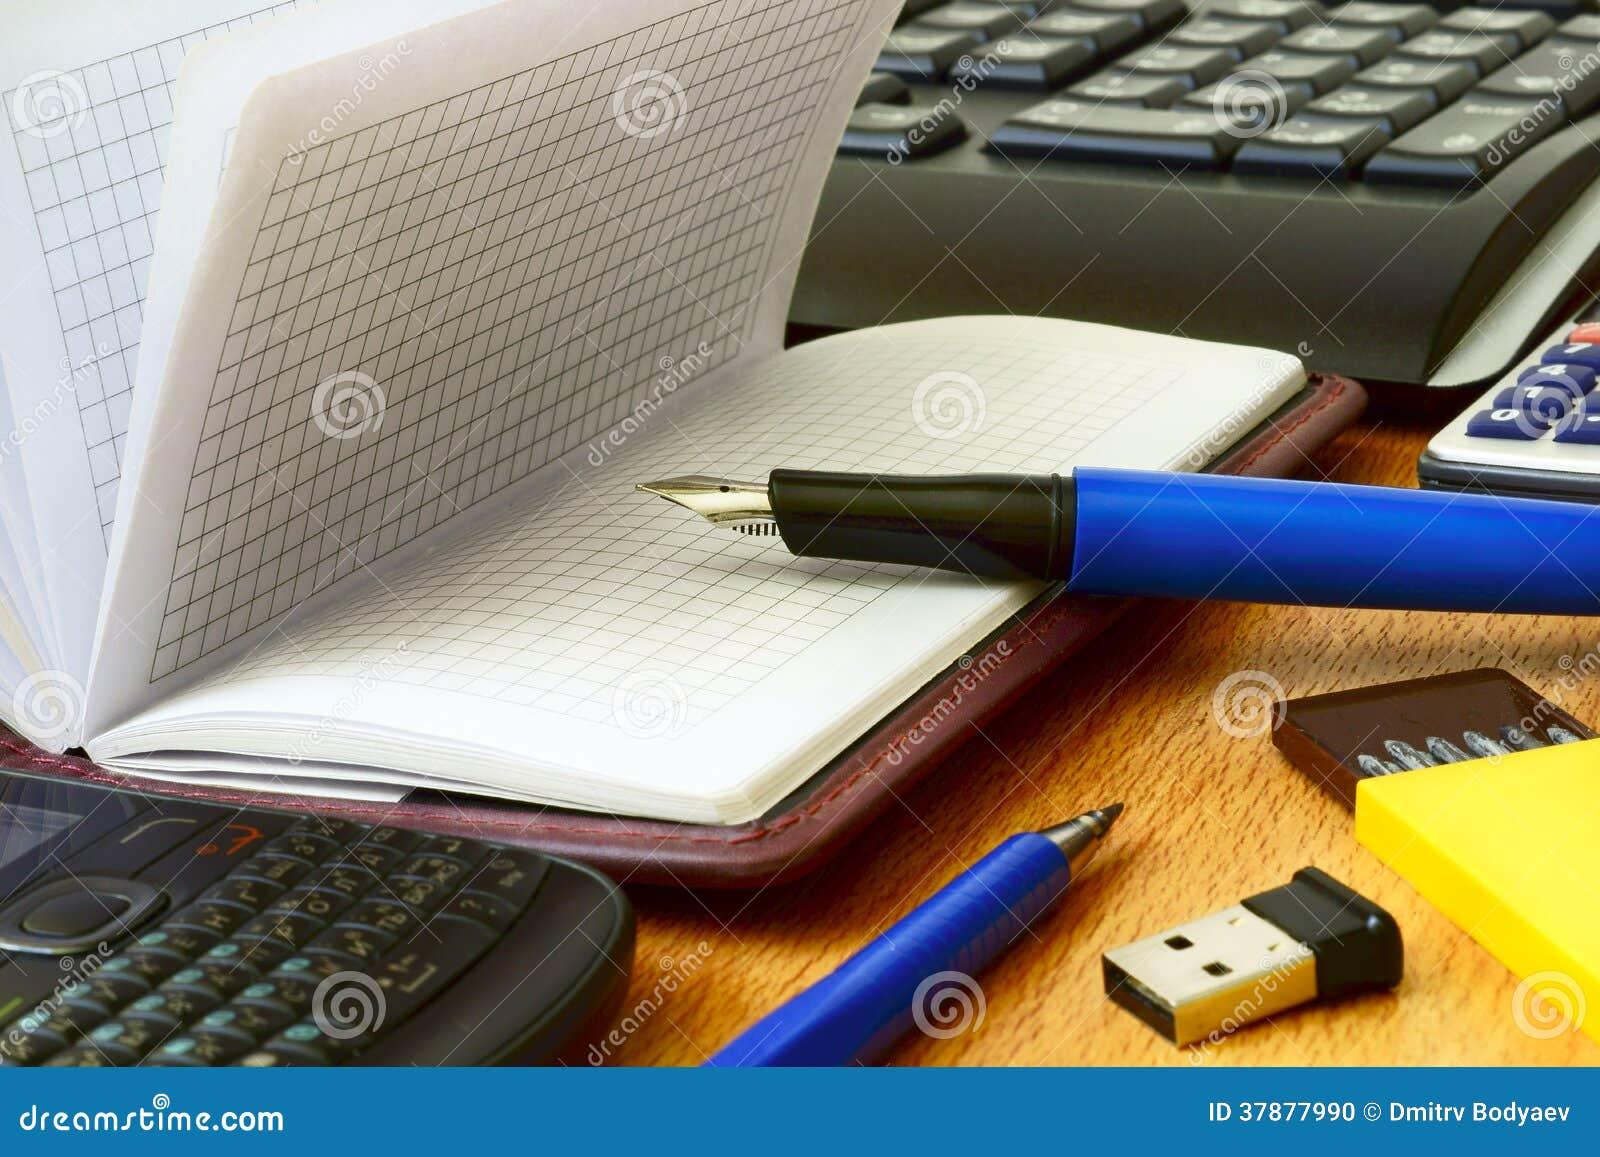 De atmosfeer van het bureauwerk, materiaal